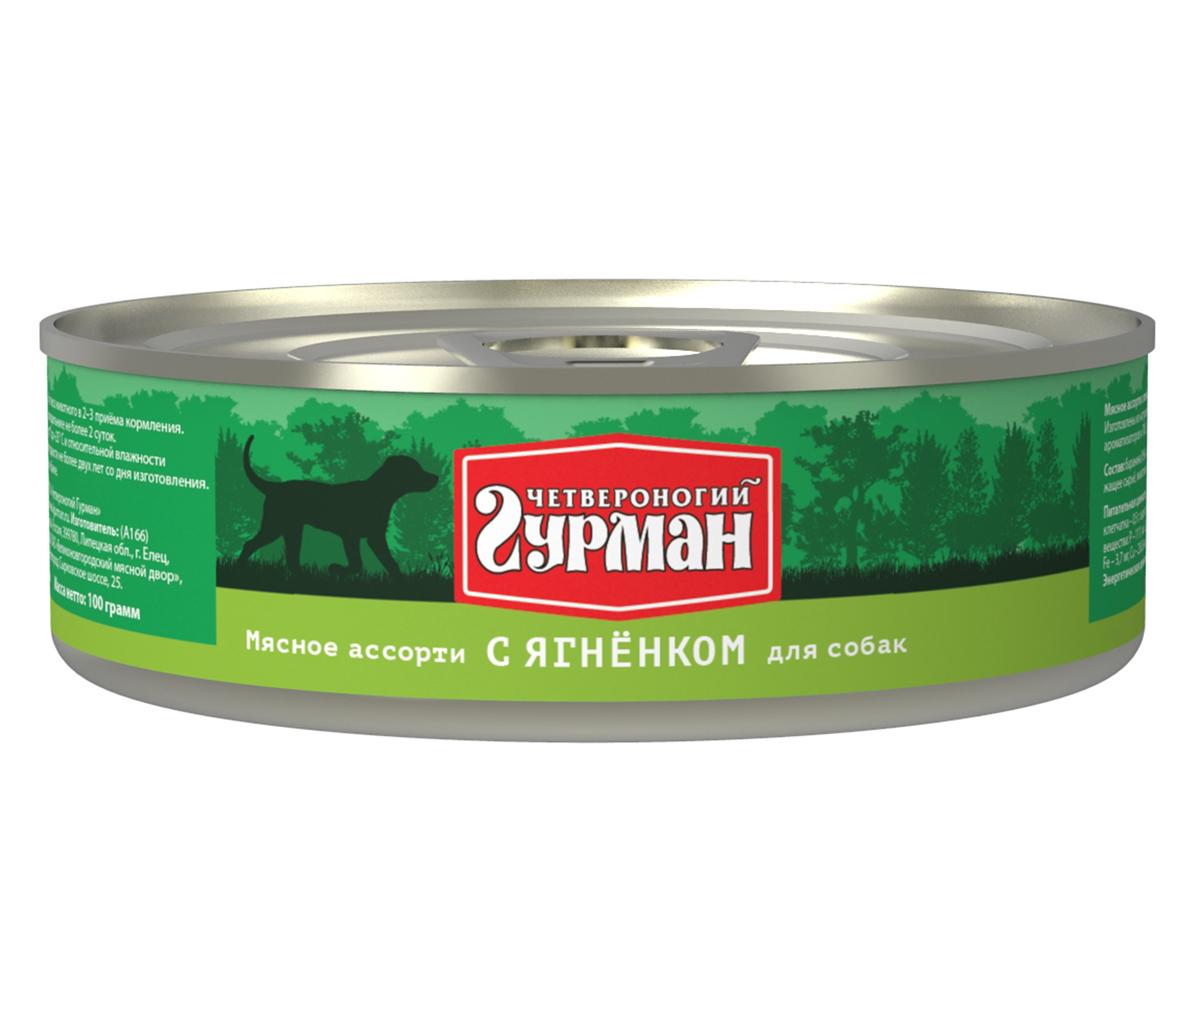 Консервы для собак Четвероногий гурман Мясное ассорти с ягненком, 100 г103101011Мясное ассорти - влажный мясной корм суперпремиум класса, состоящий из разных сортов мяса и качественных субпродуктов. Ведущая линейка торговой марки Четвероногий гурман. По консистенции продукт представляет собой кусочки из фарша размером 3-15 мм. В состав входит коллаген. Его компоненты (хондроитин и глюкозамин) положительно воздействуют на суставы питомца. Корм не содержит злаков и овощей. Состав: баранина (16%), сердце (30%), рубец, легкое, печень, коллагенсодержащее сырьё, животный белок, масло растительное, соль, вода. Вес: 100 г.